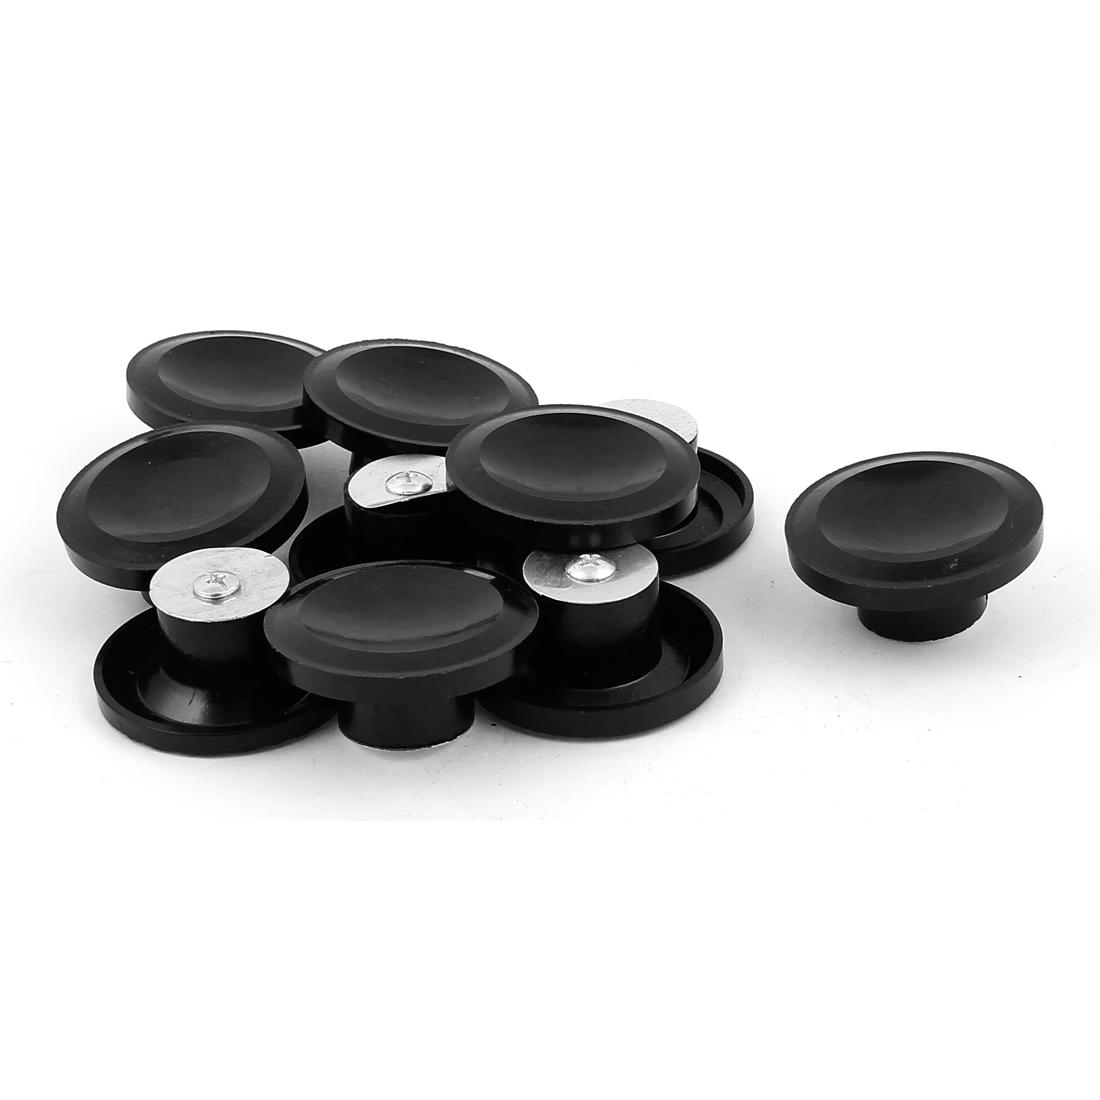 Cooker Cooking Utensils Plastic Pot Pan Grass Cover Lid Helper Handle Knob 55mm Dia 10pcs